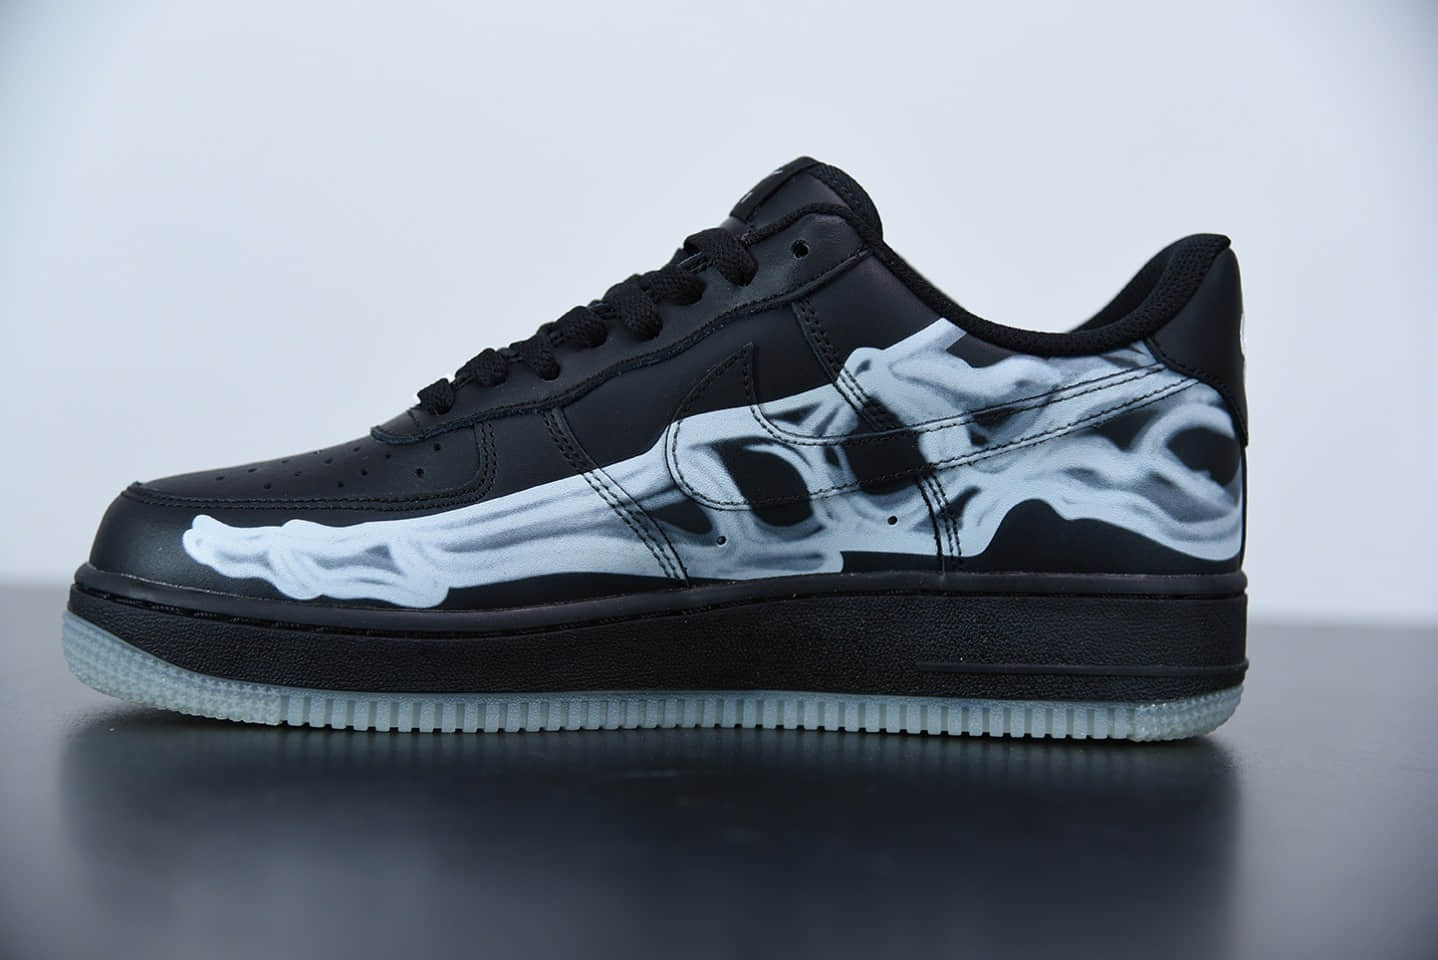 耐克Nike Air Force 1 Skeleton 骨骼万圣节骨头低帮板鞋纯原版本 货号:BQ7541 001